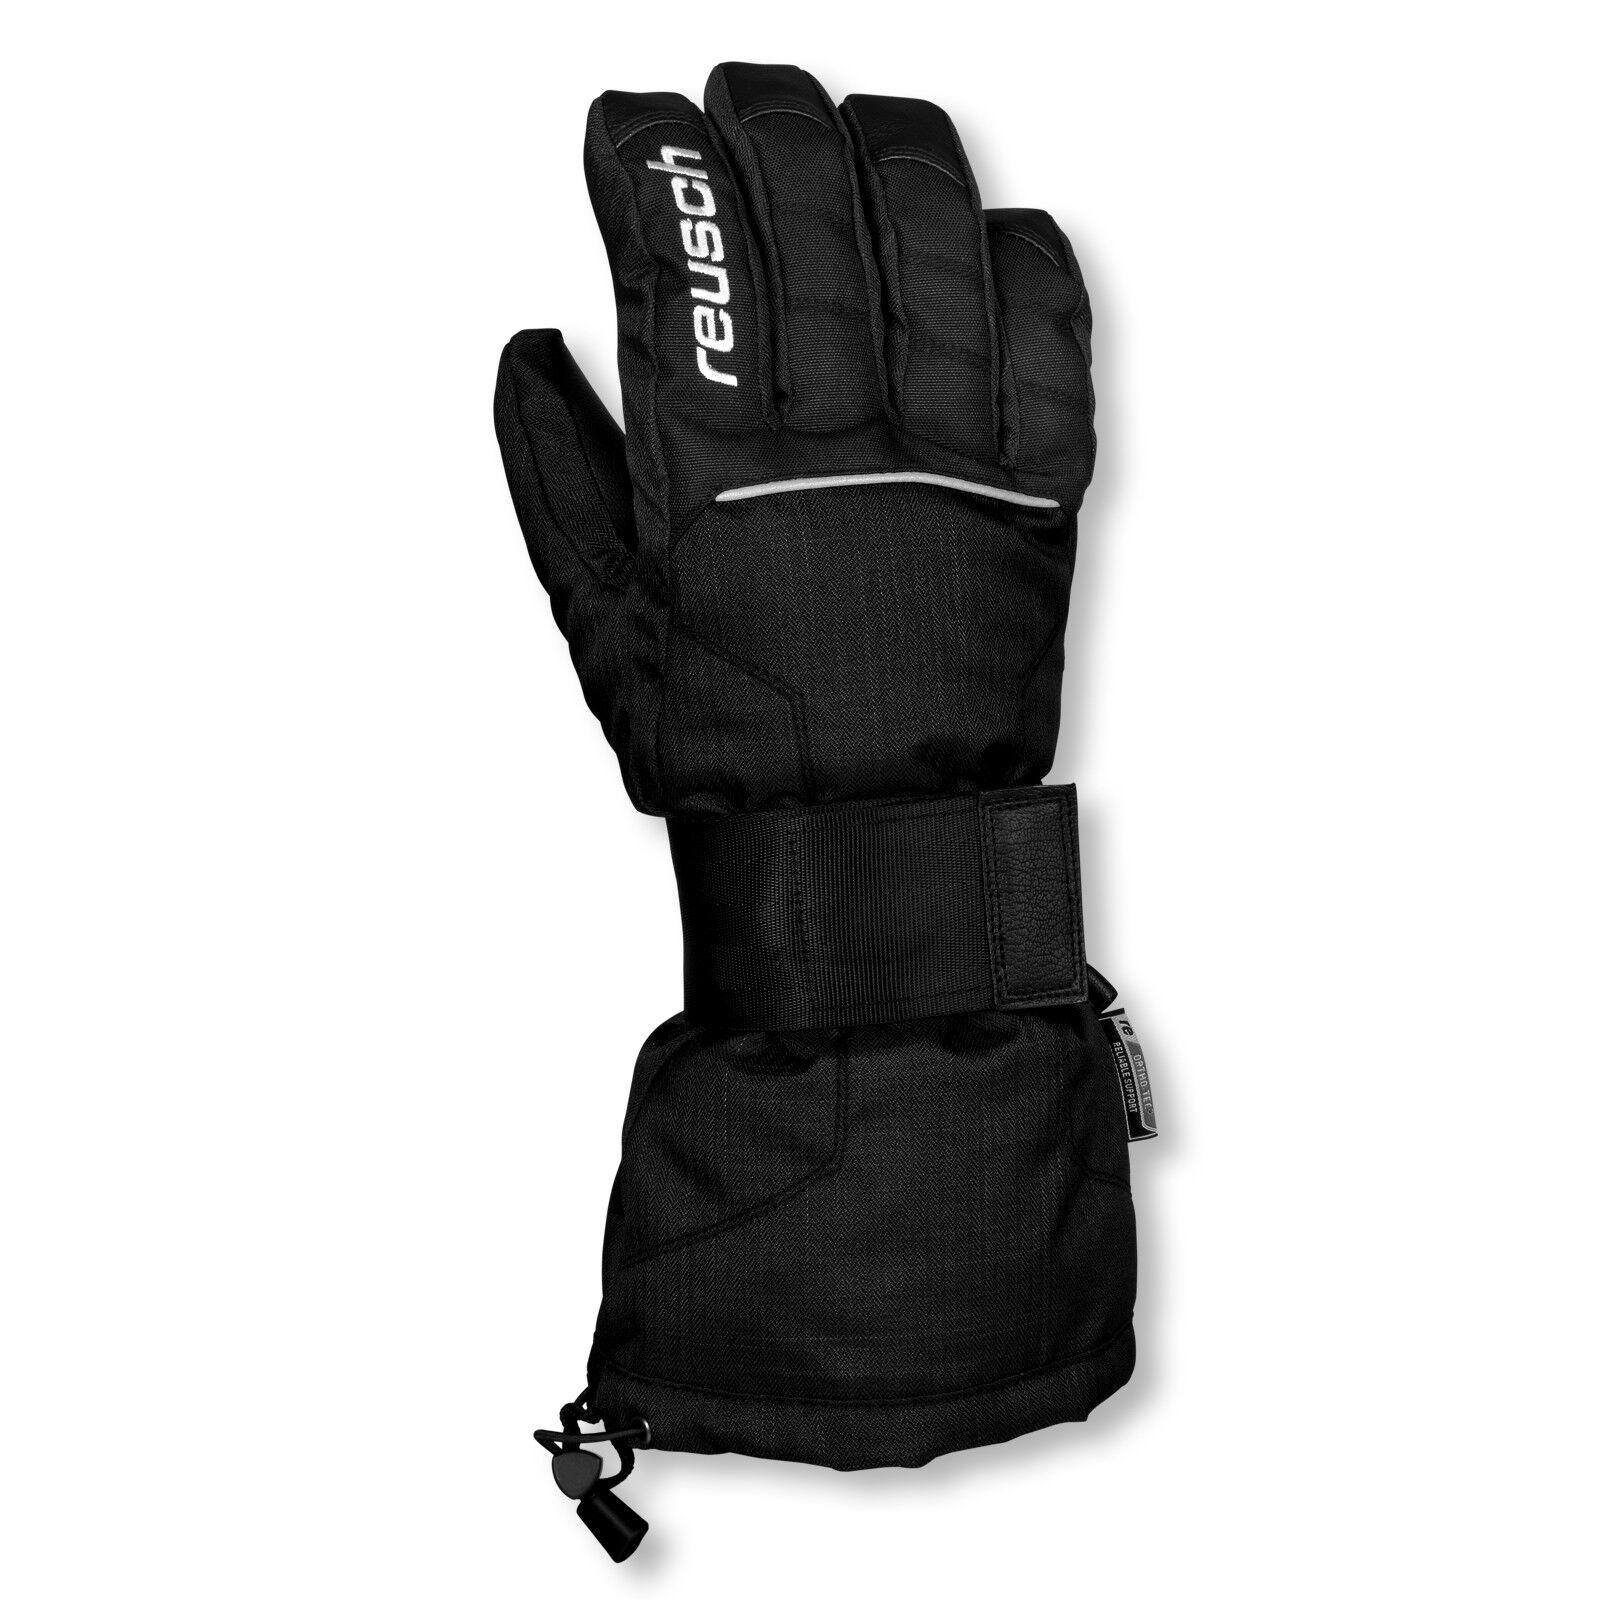 Reusch Snowboardhandschuhe Winterhandschuhe Baseplate R-TEX® XT Herren Farbwahl